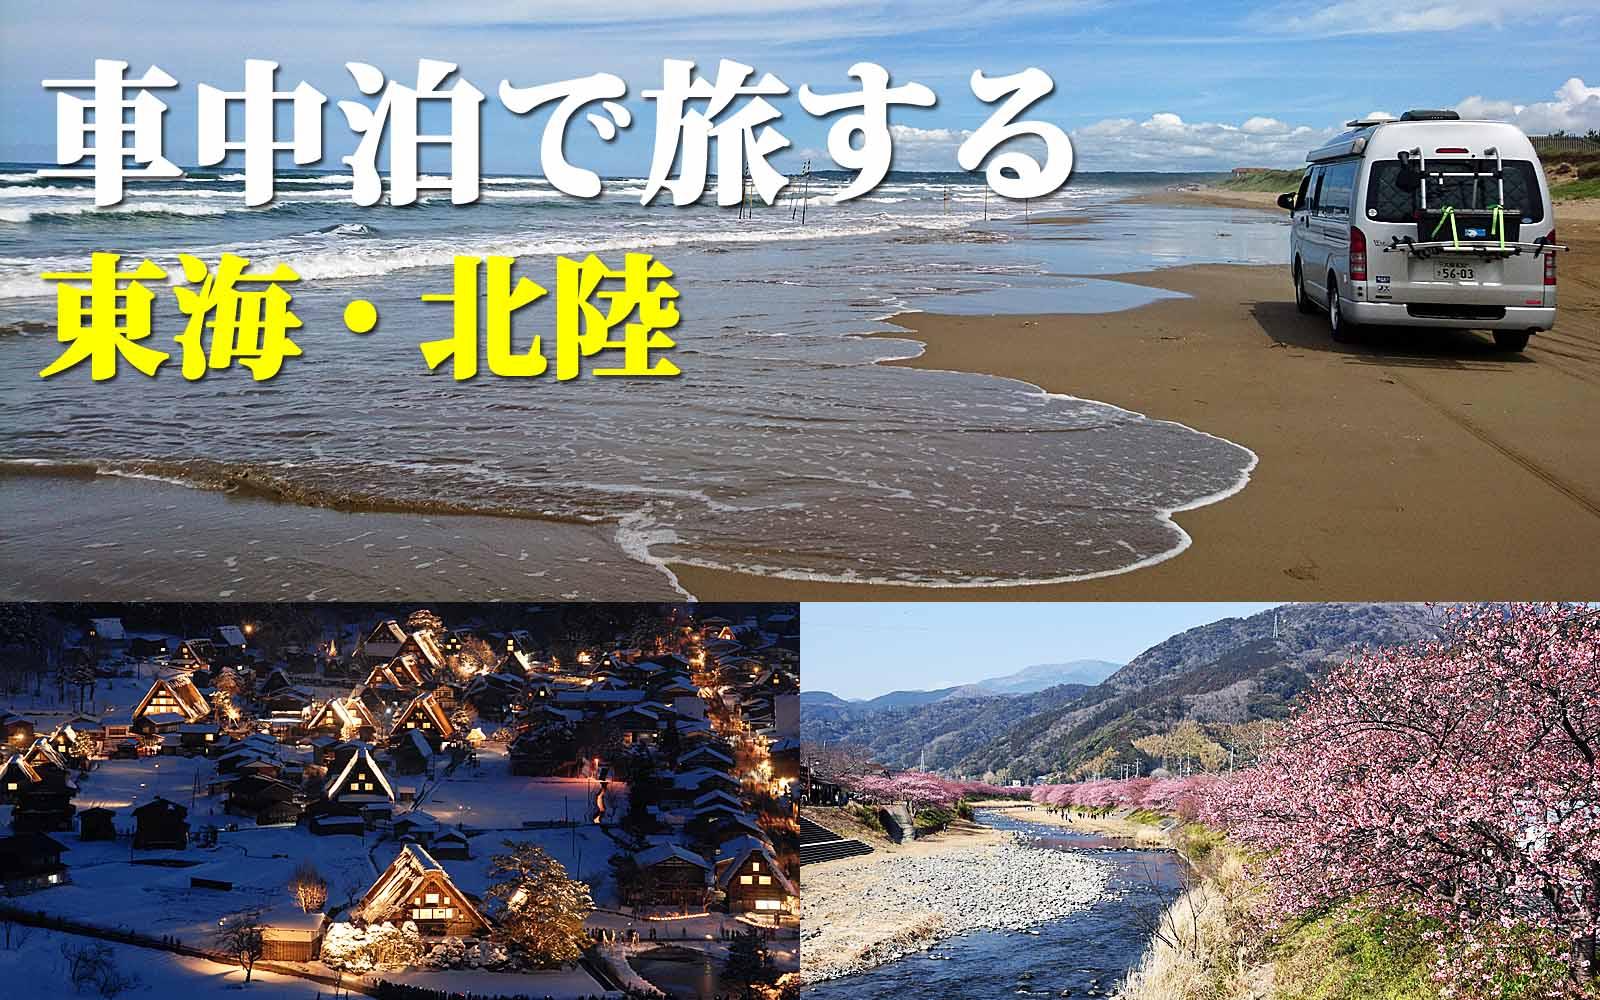 東海・北陸 車中泊旅行ガイドの決定版!